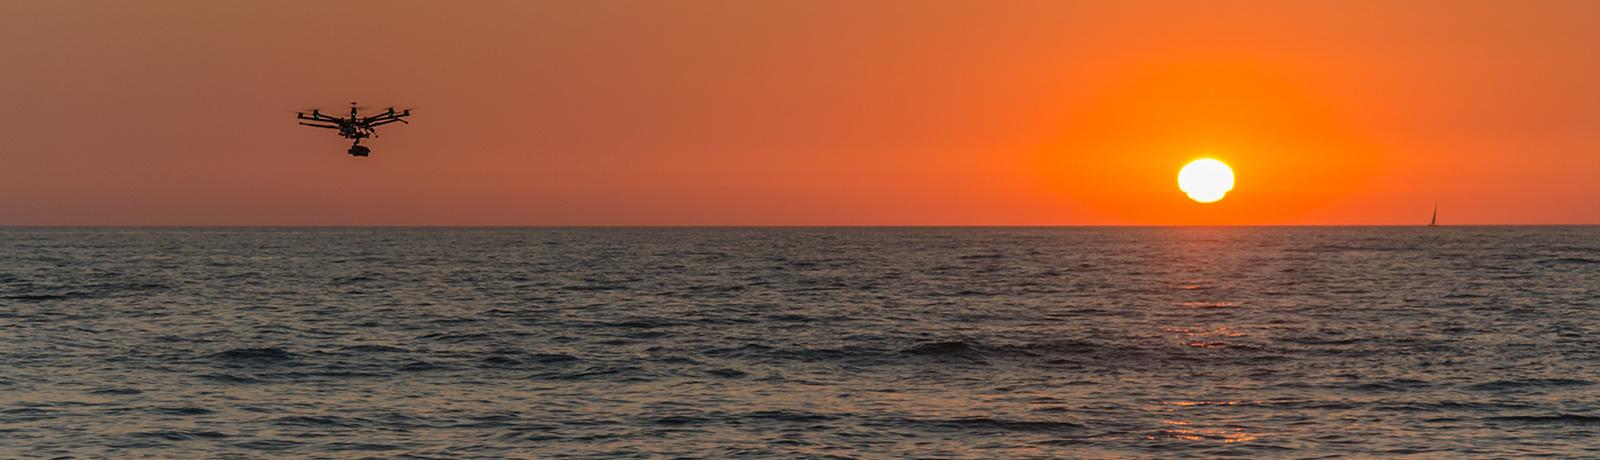 filmacion-proyectos-aereos-sobre-el-mar